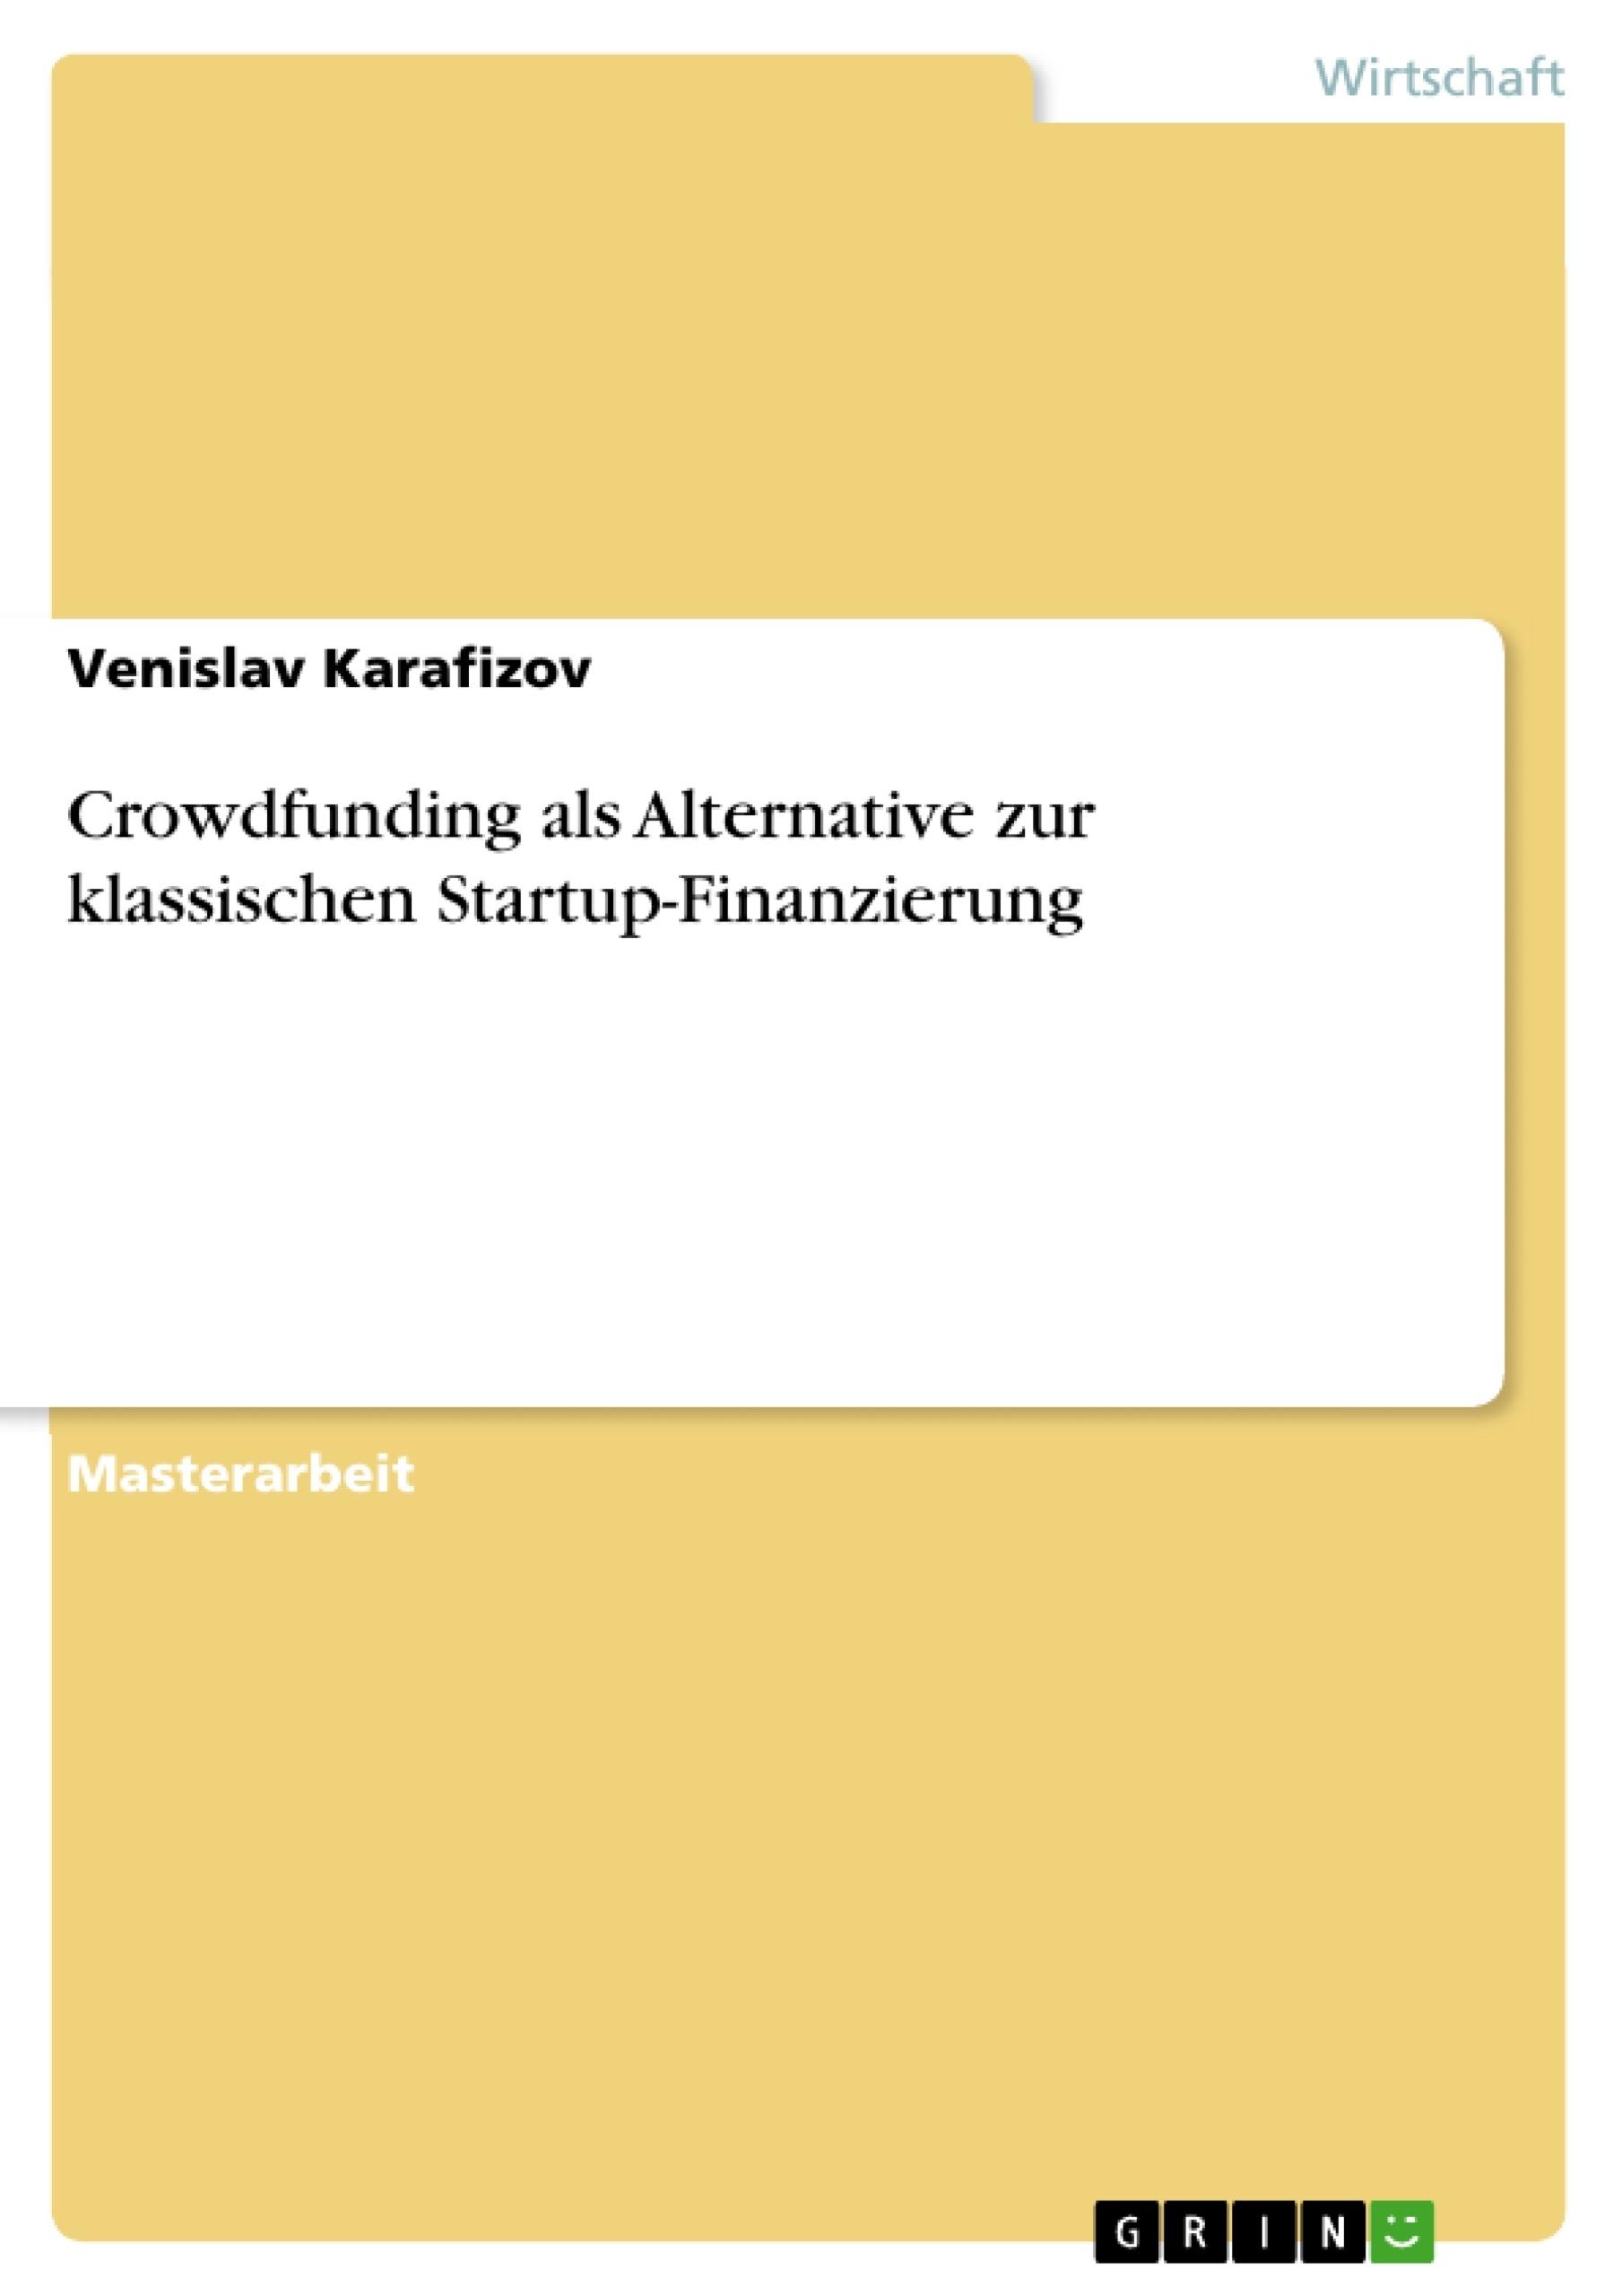 Titel: Crowdfunding als Alternative zur klassischen Startup-Finanzierung